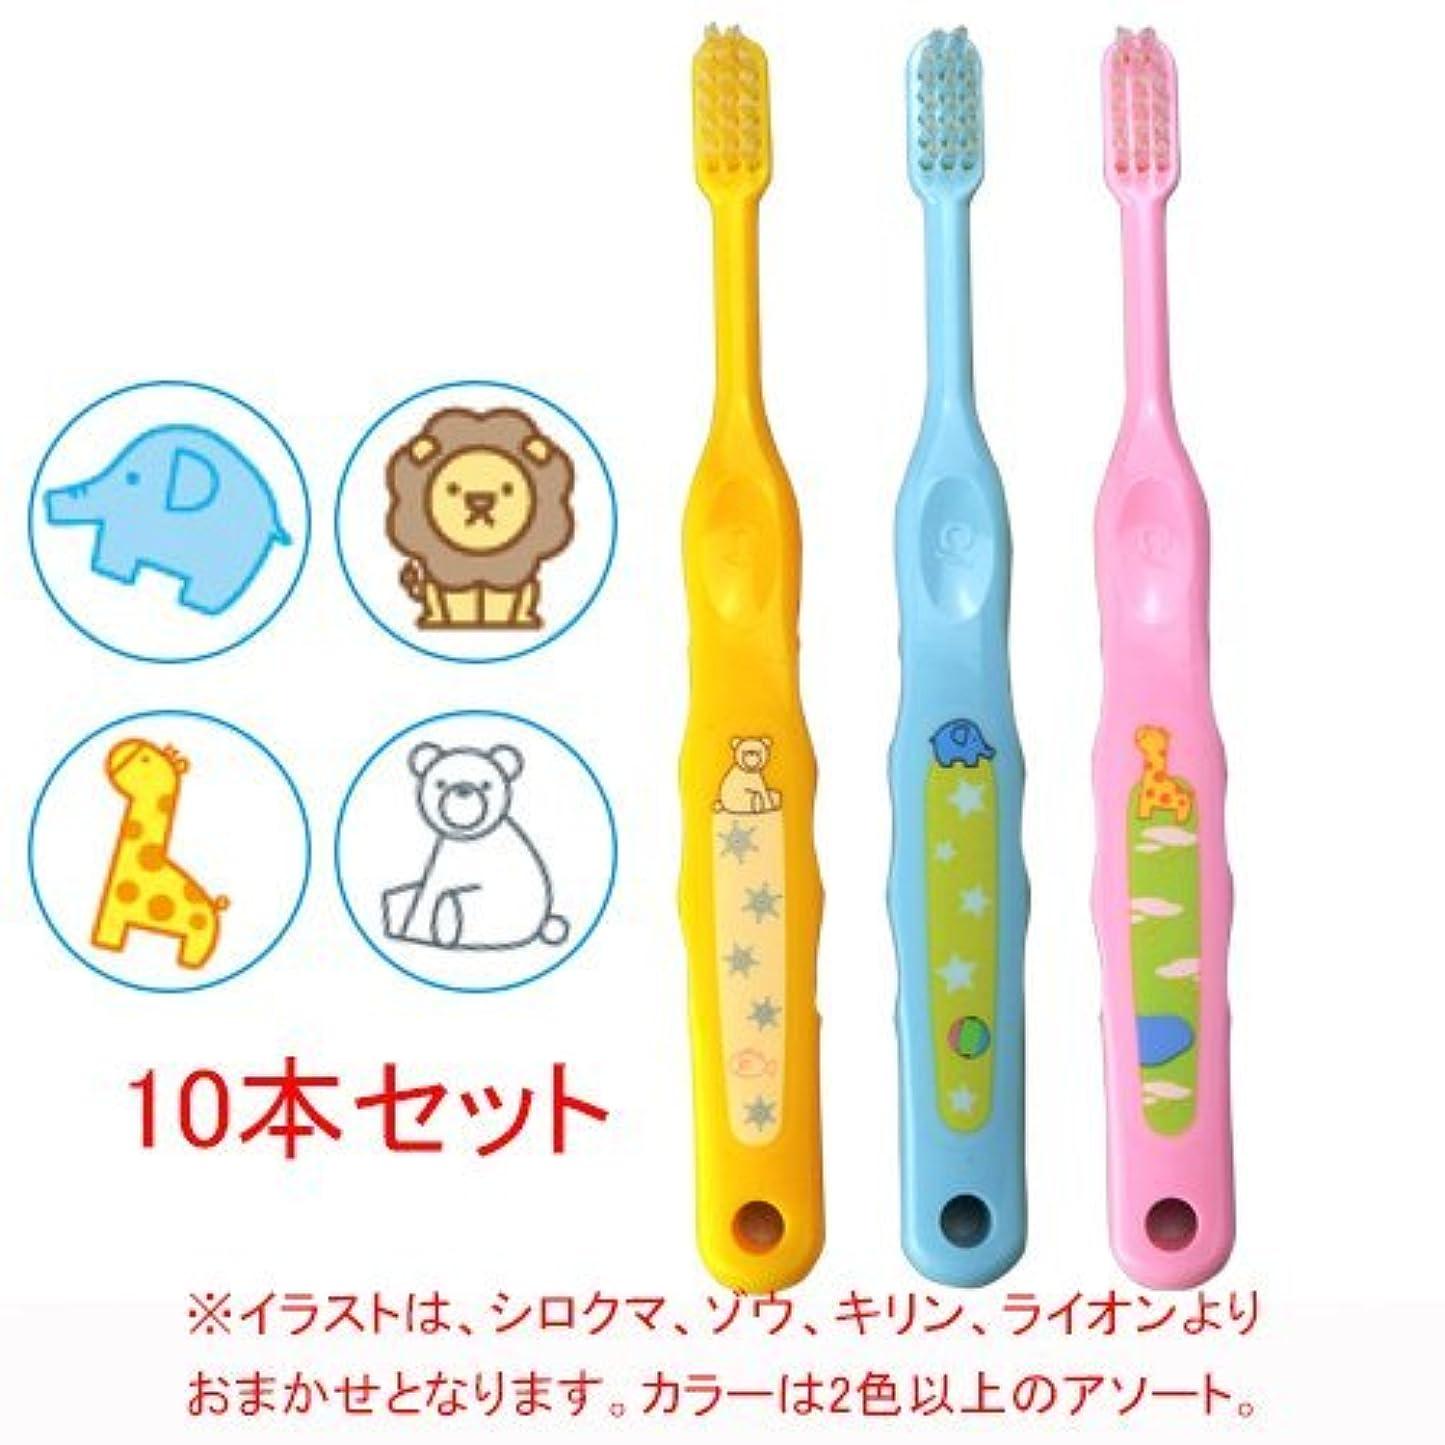 咲くアンケートバンケットCiメディカル Ci なまえ歯ブラシ 502 (ふつう) (乳児~小学生向)10本